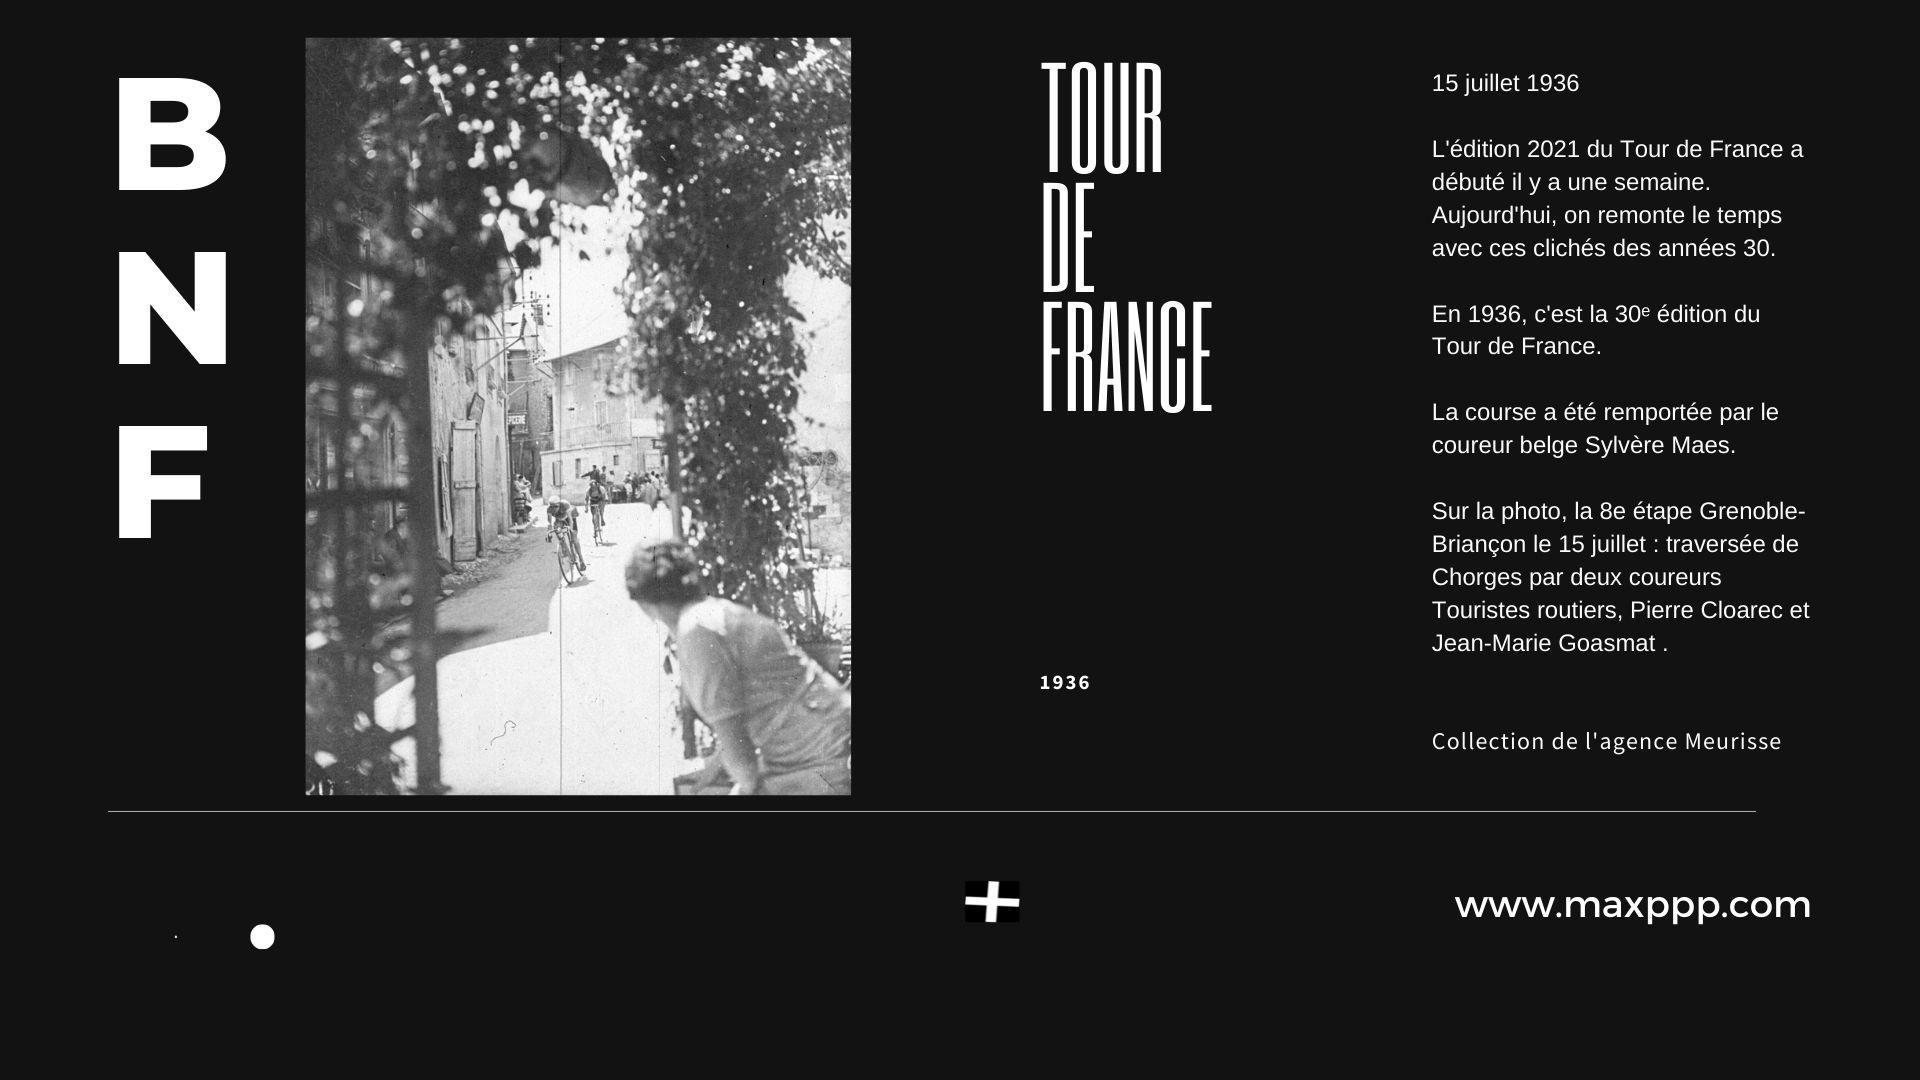 Tour de France - 1936